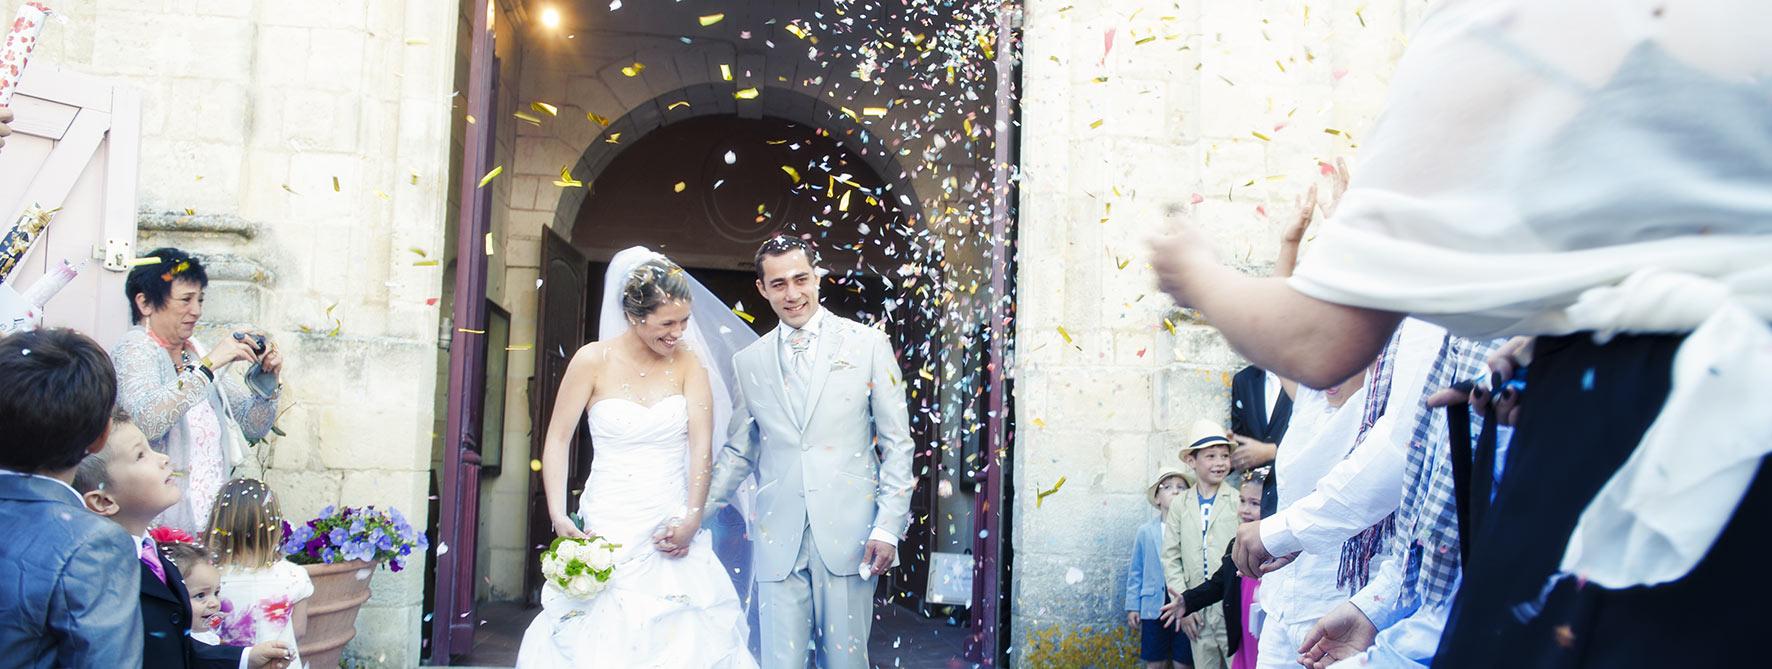 mariage41